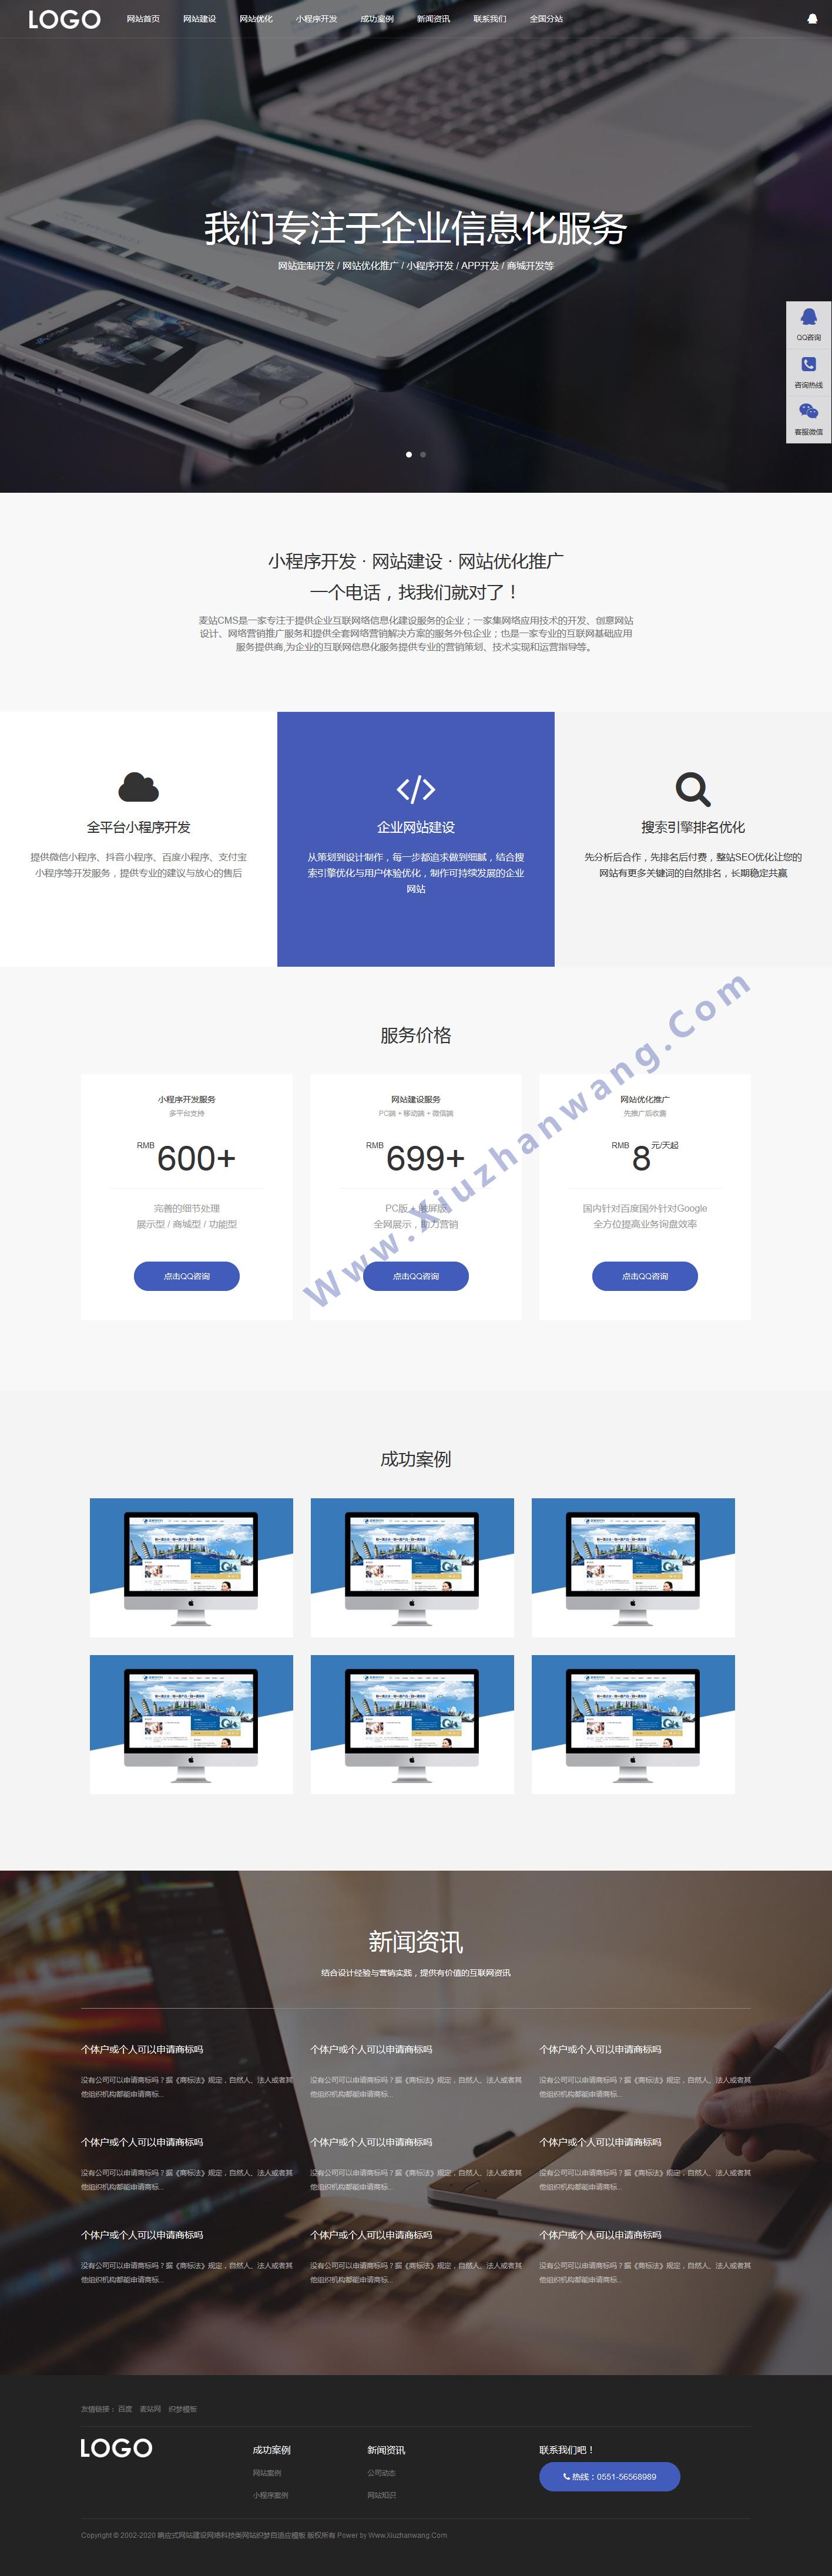 响应式网站建设网络科技类网站织梦自适应模板(带分站功能)